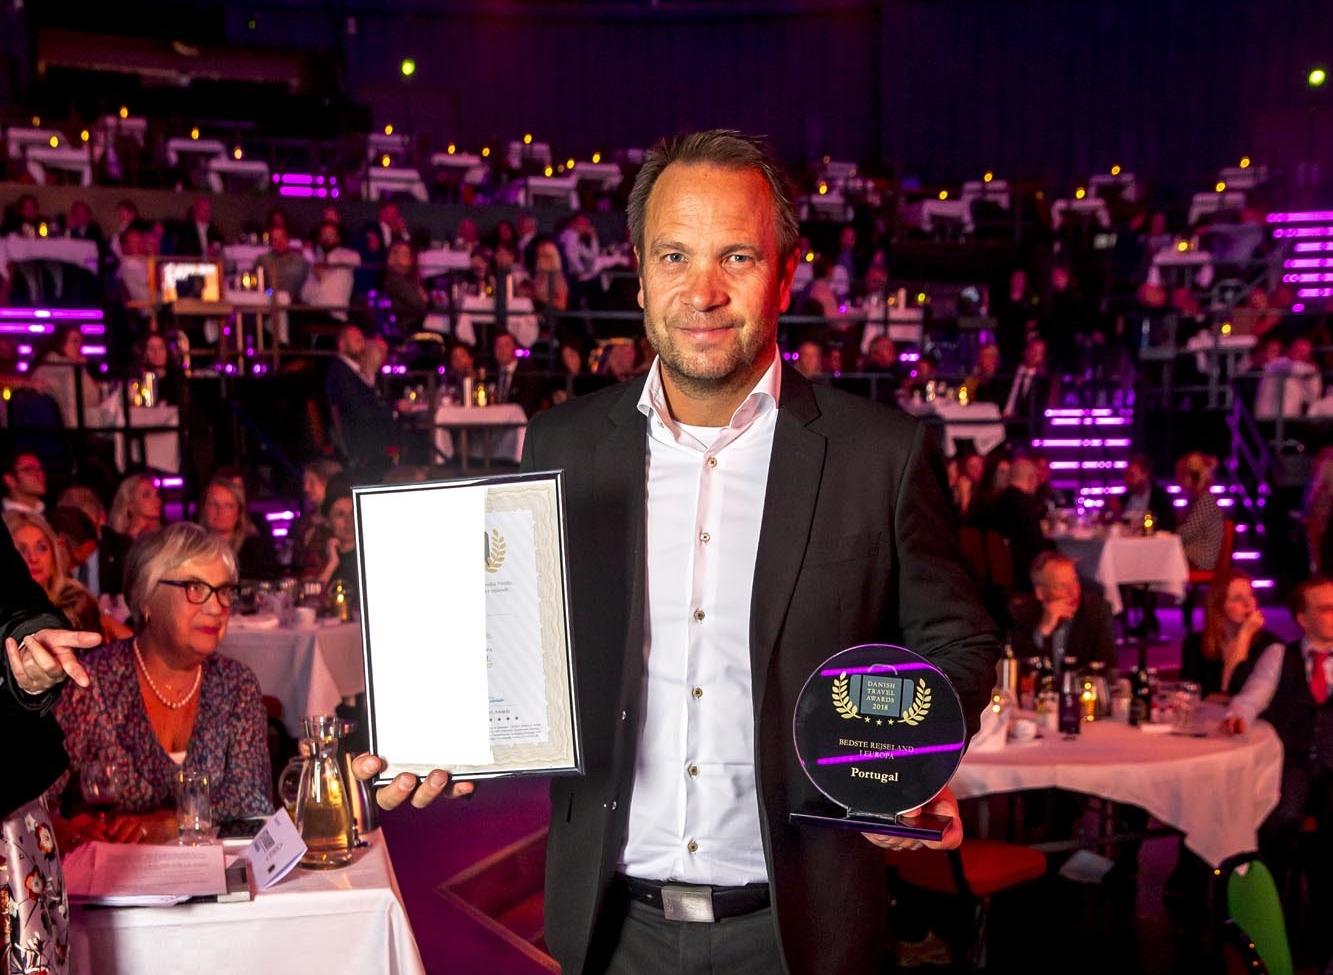 Stig Sommerfeldt Kaspersen var som Portugals turistchef i Danmark på scenen ved årets Danish Travel Awards, hvor Portugal genvandt prisen som Bedste Europæiske Rejseland. Foto: Michael Stub.